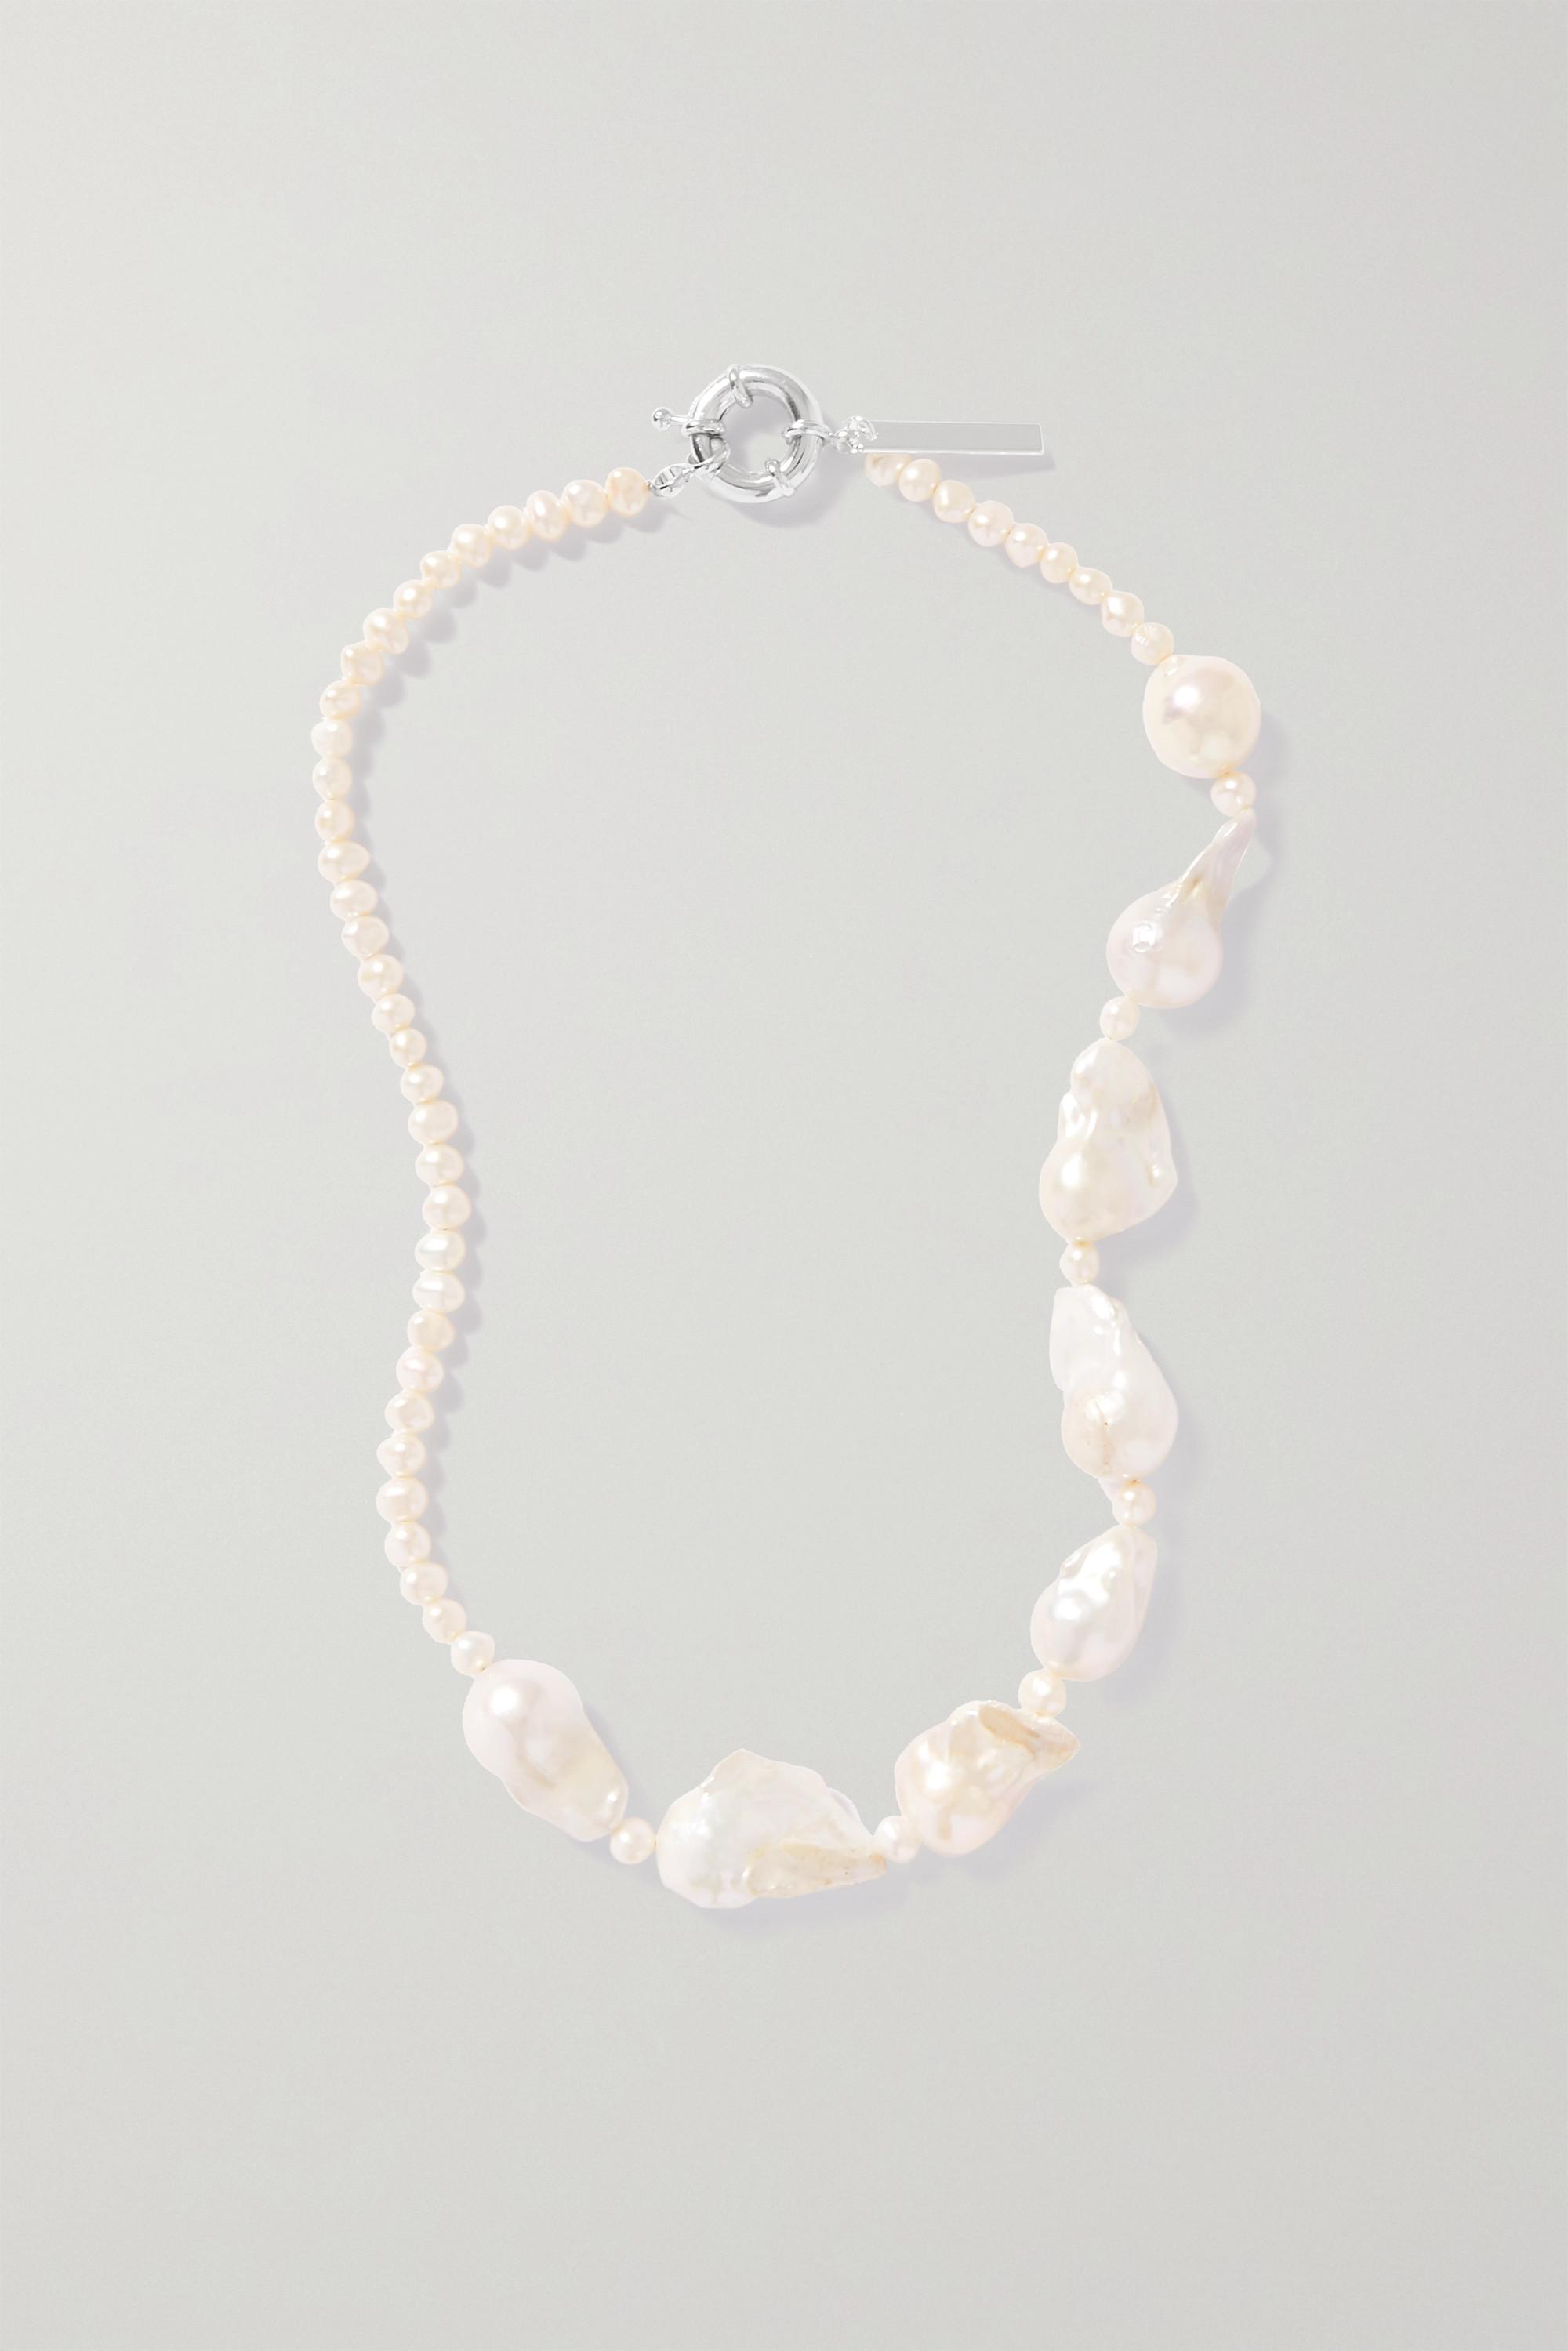 PEARL OCTOPUSS.Y Kette mit versilberten Details und Perlen